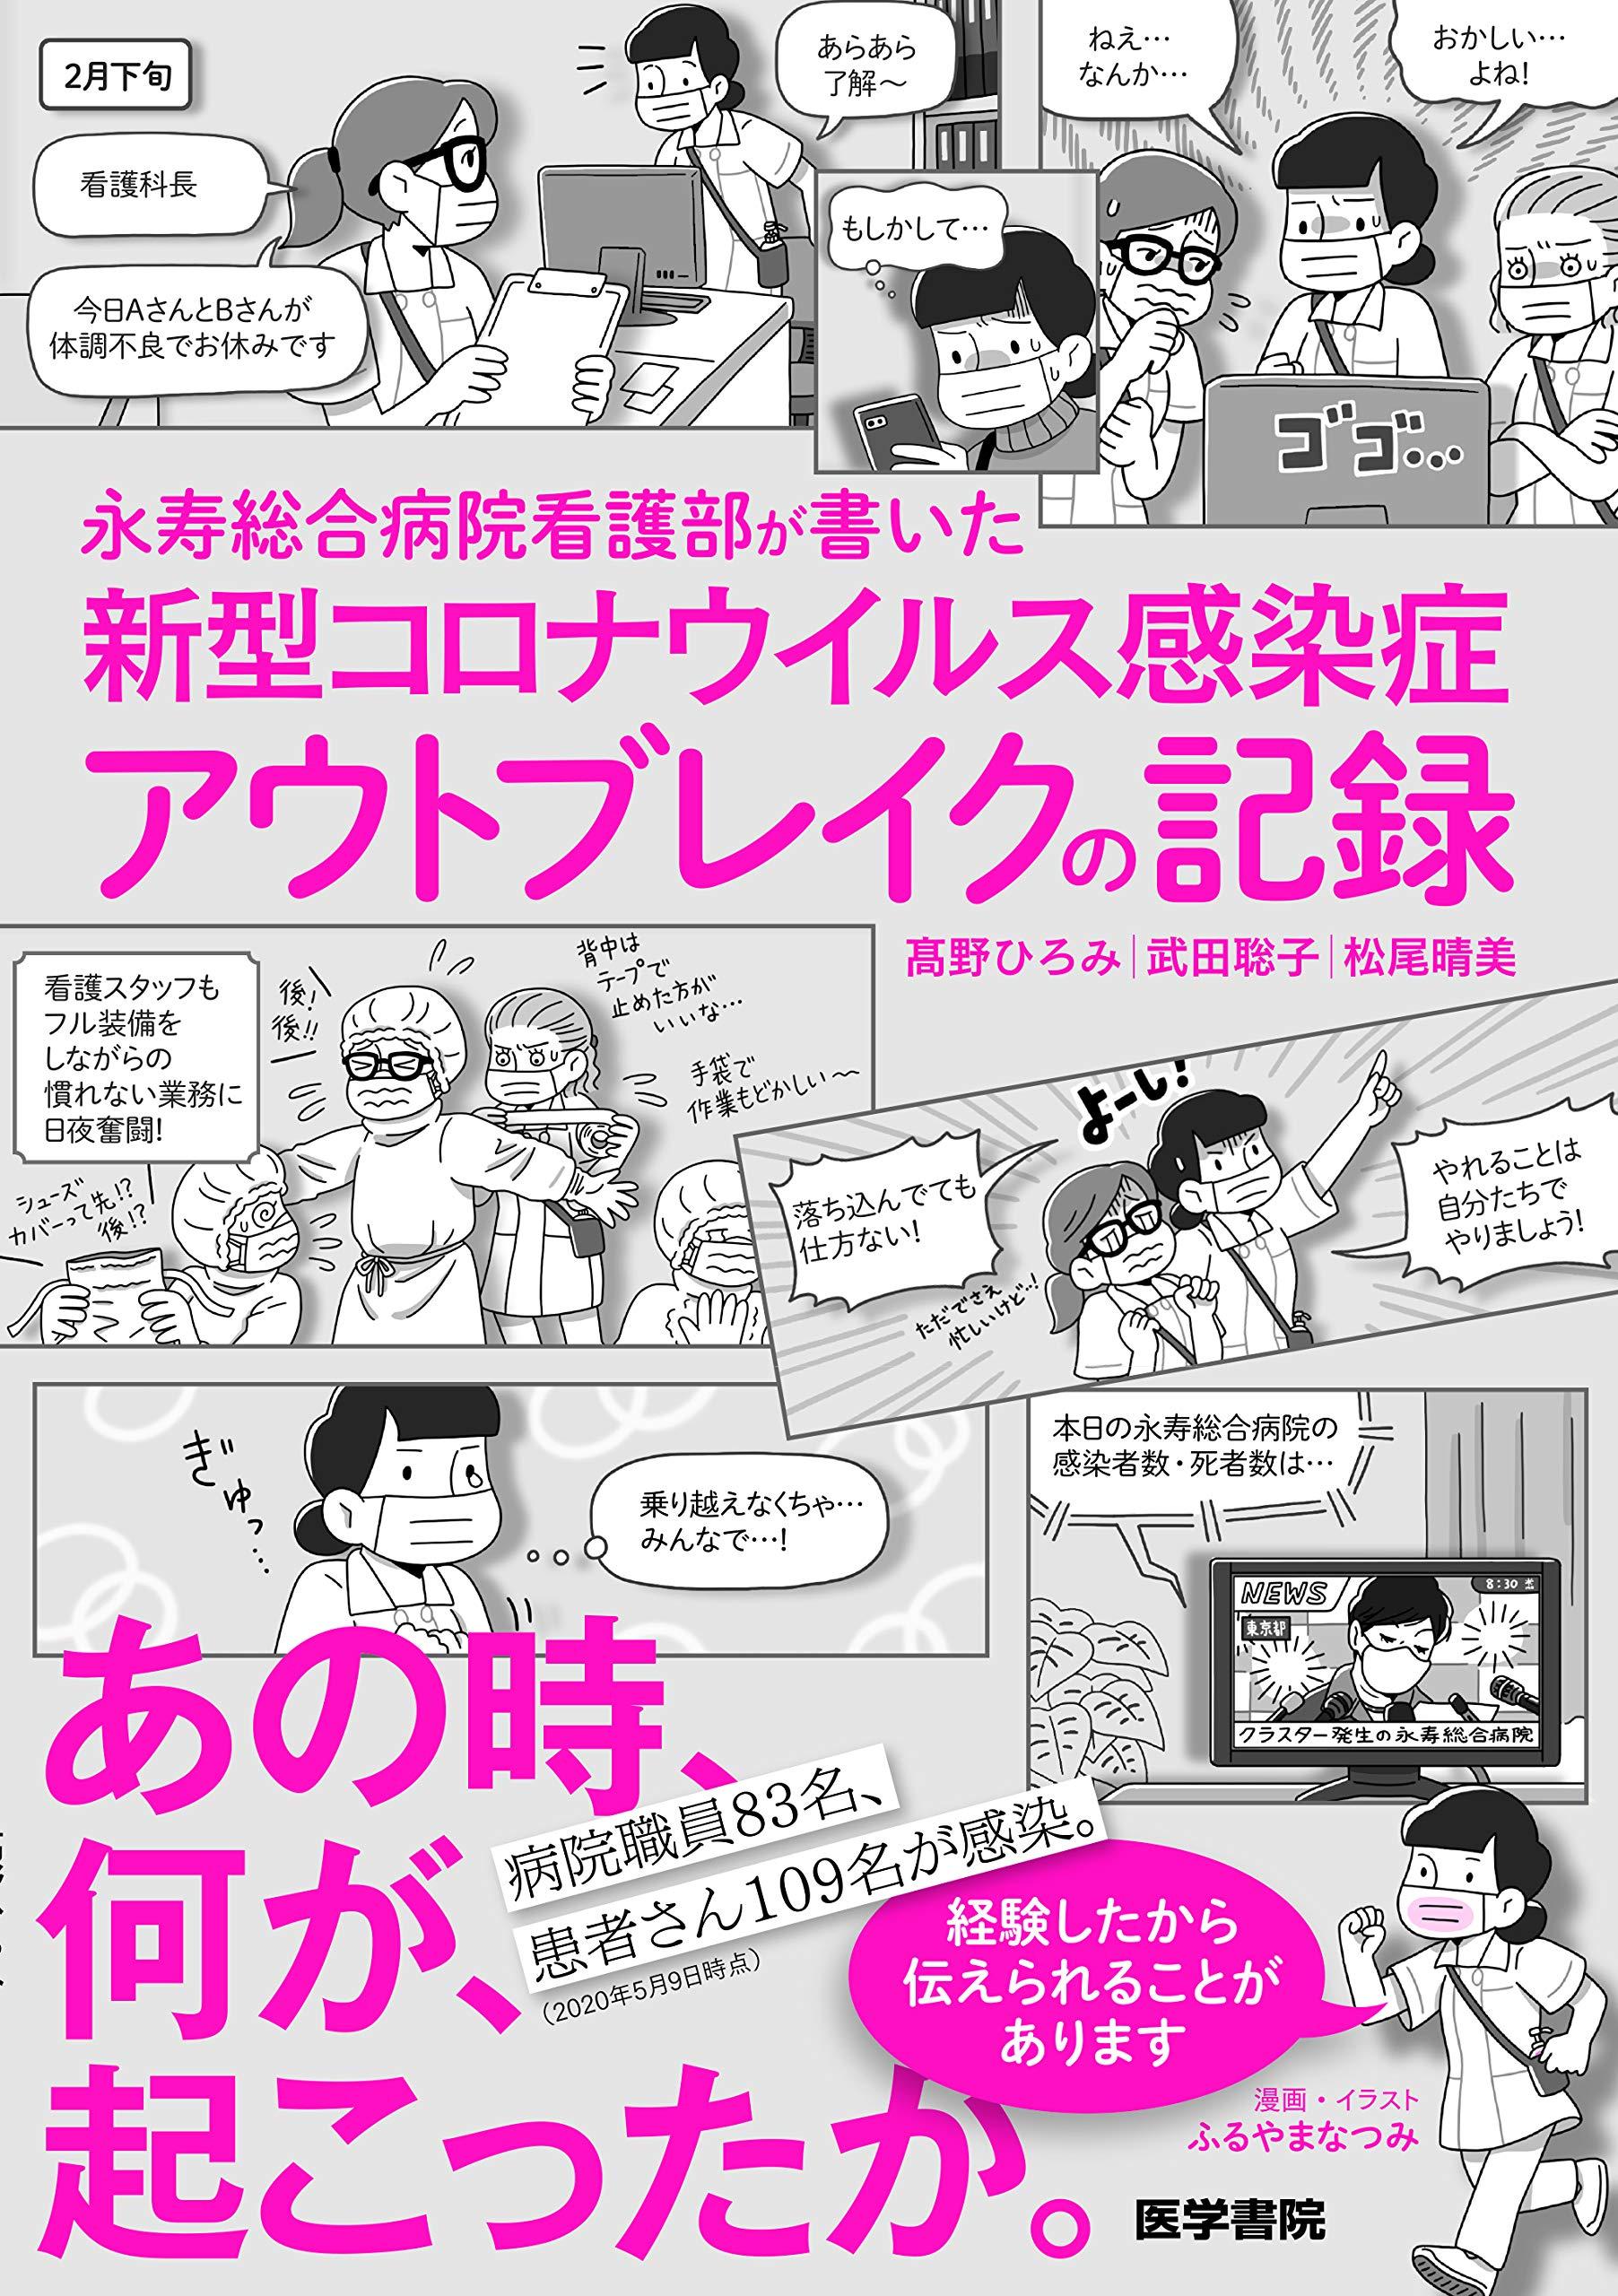 コロナ レンタル 漫画 ゲオの漫画レンタル料金、店舗と宅配ではどちらがお得?